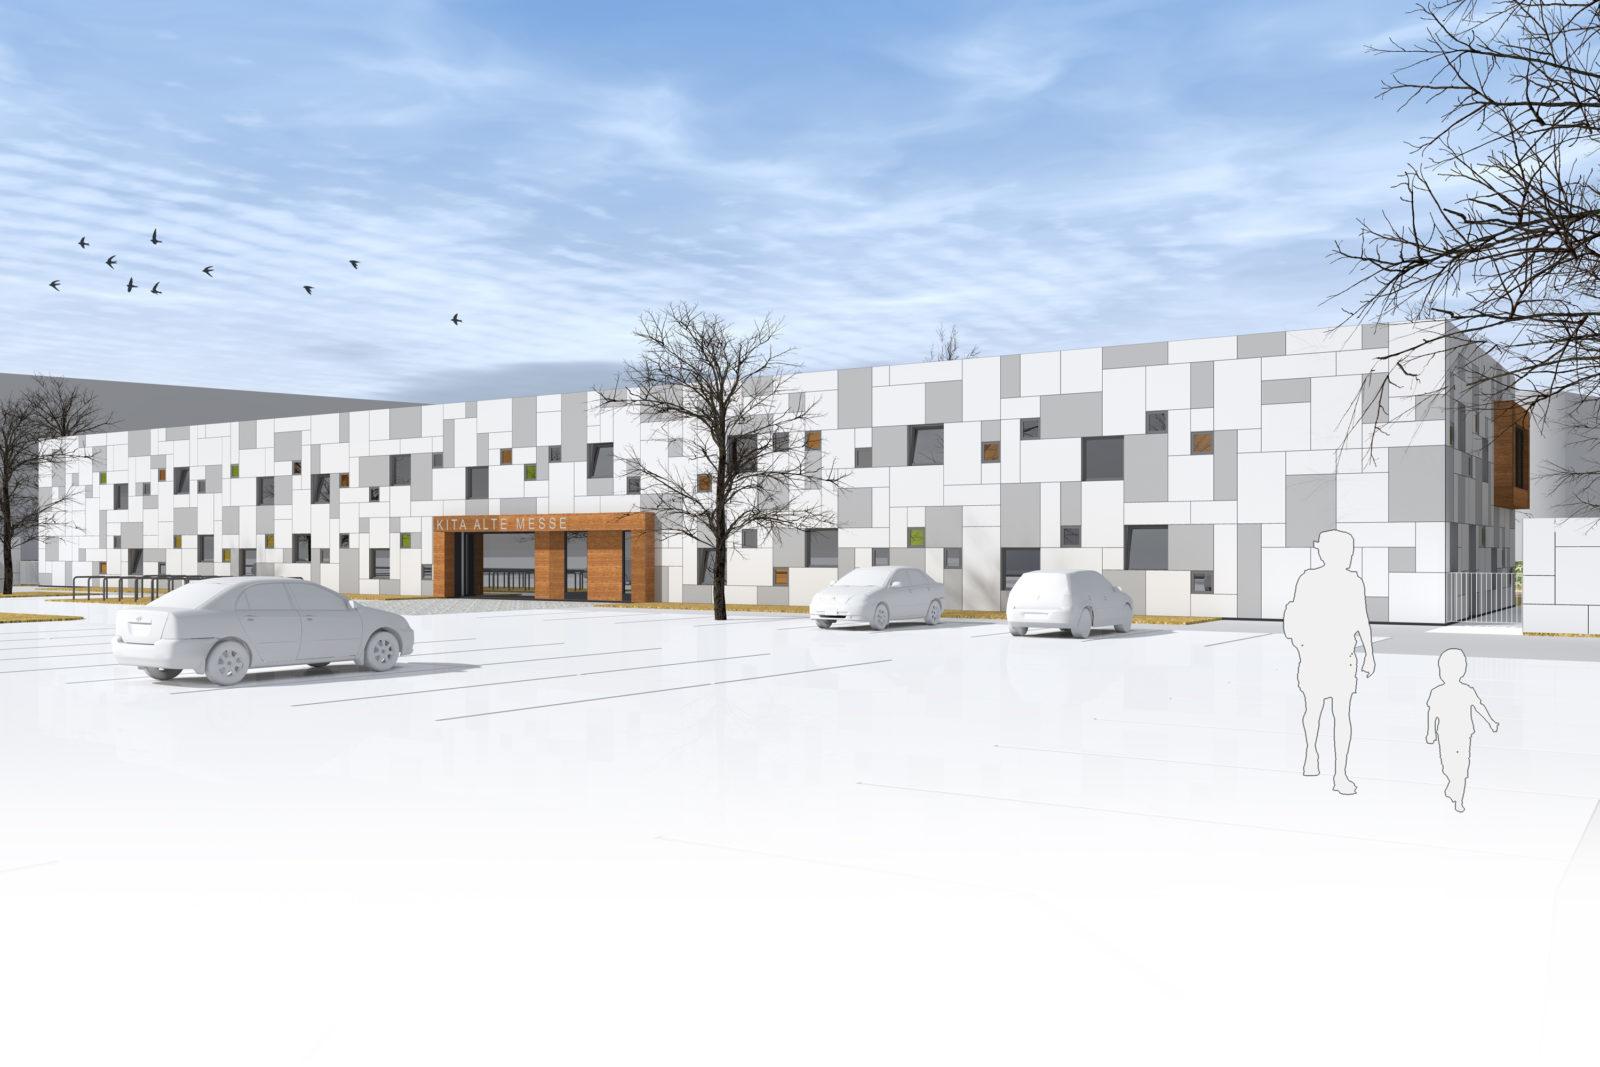 Neubau Kita und Förderschule an der alten Messe, Leipzig - Baukörper ohne Aufstockung mit Blick auf den Vorplatz